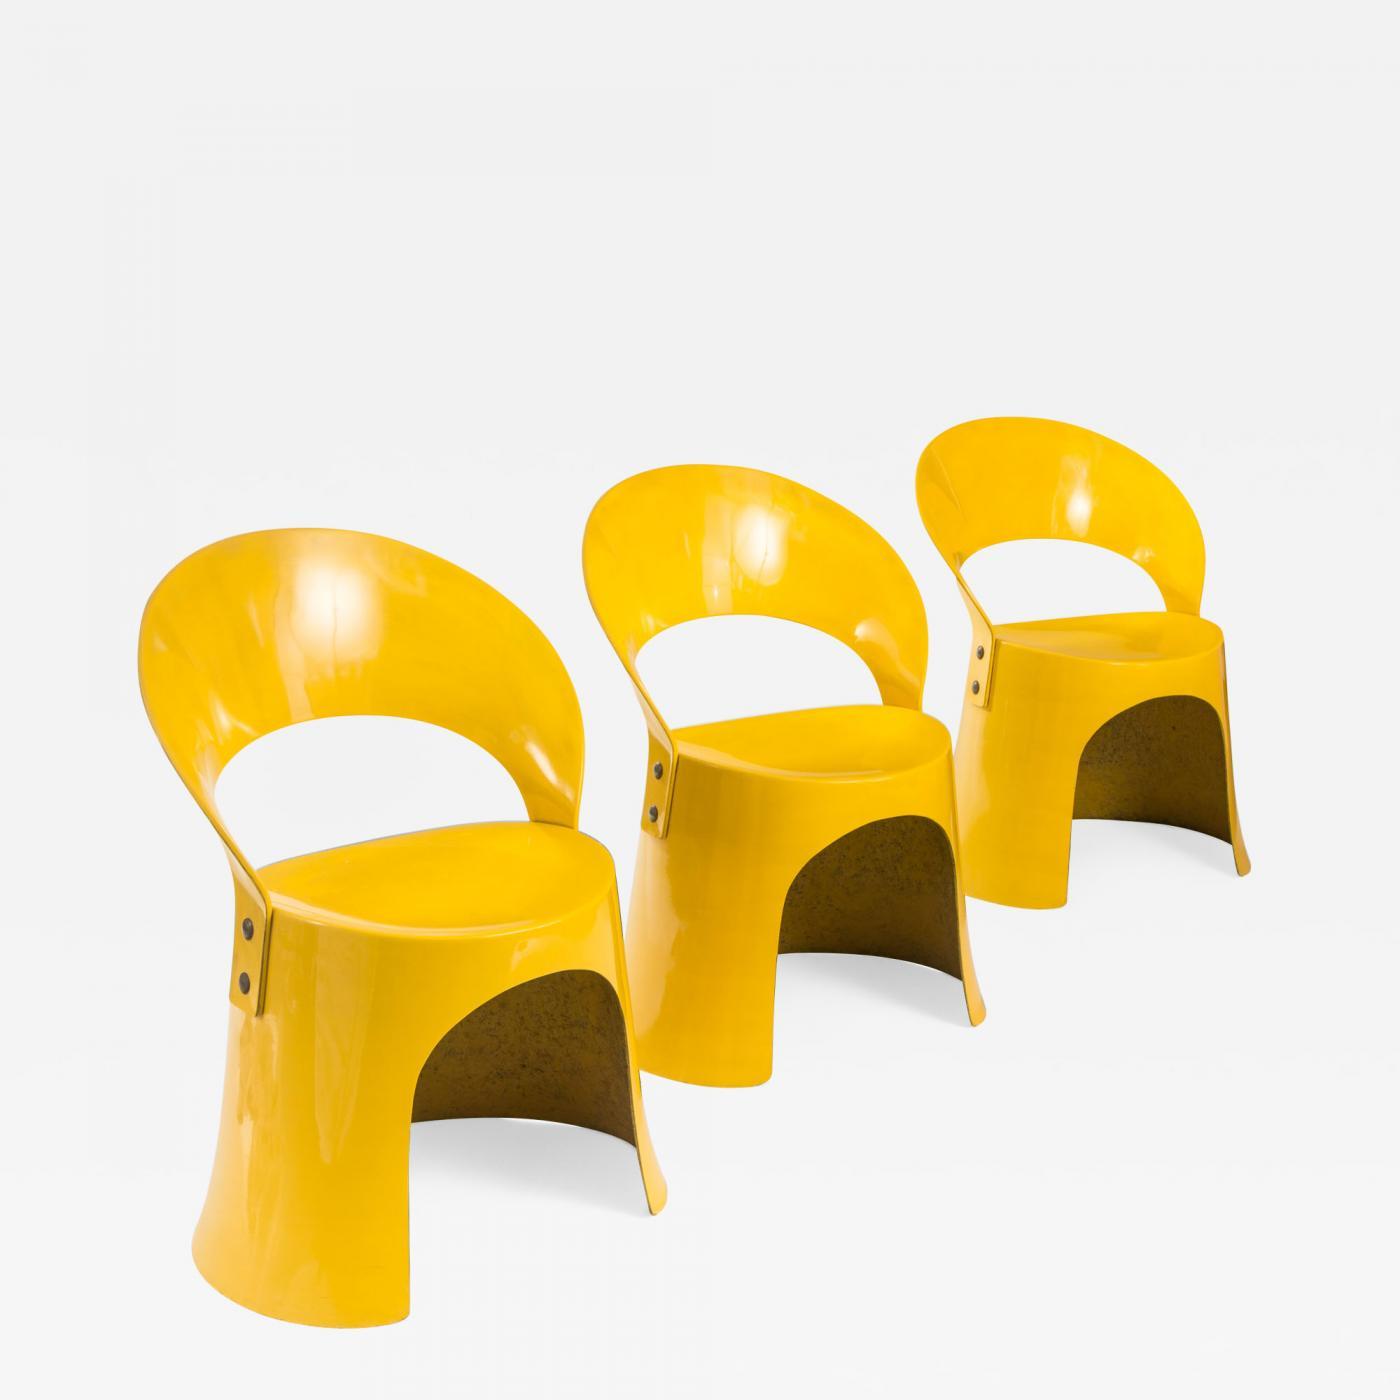 Nanna Ditzel Nanna Ditzel A Set of 3 Danish Yellow Fiberglass